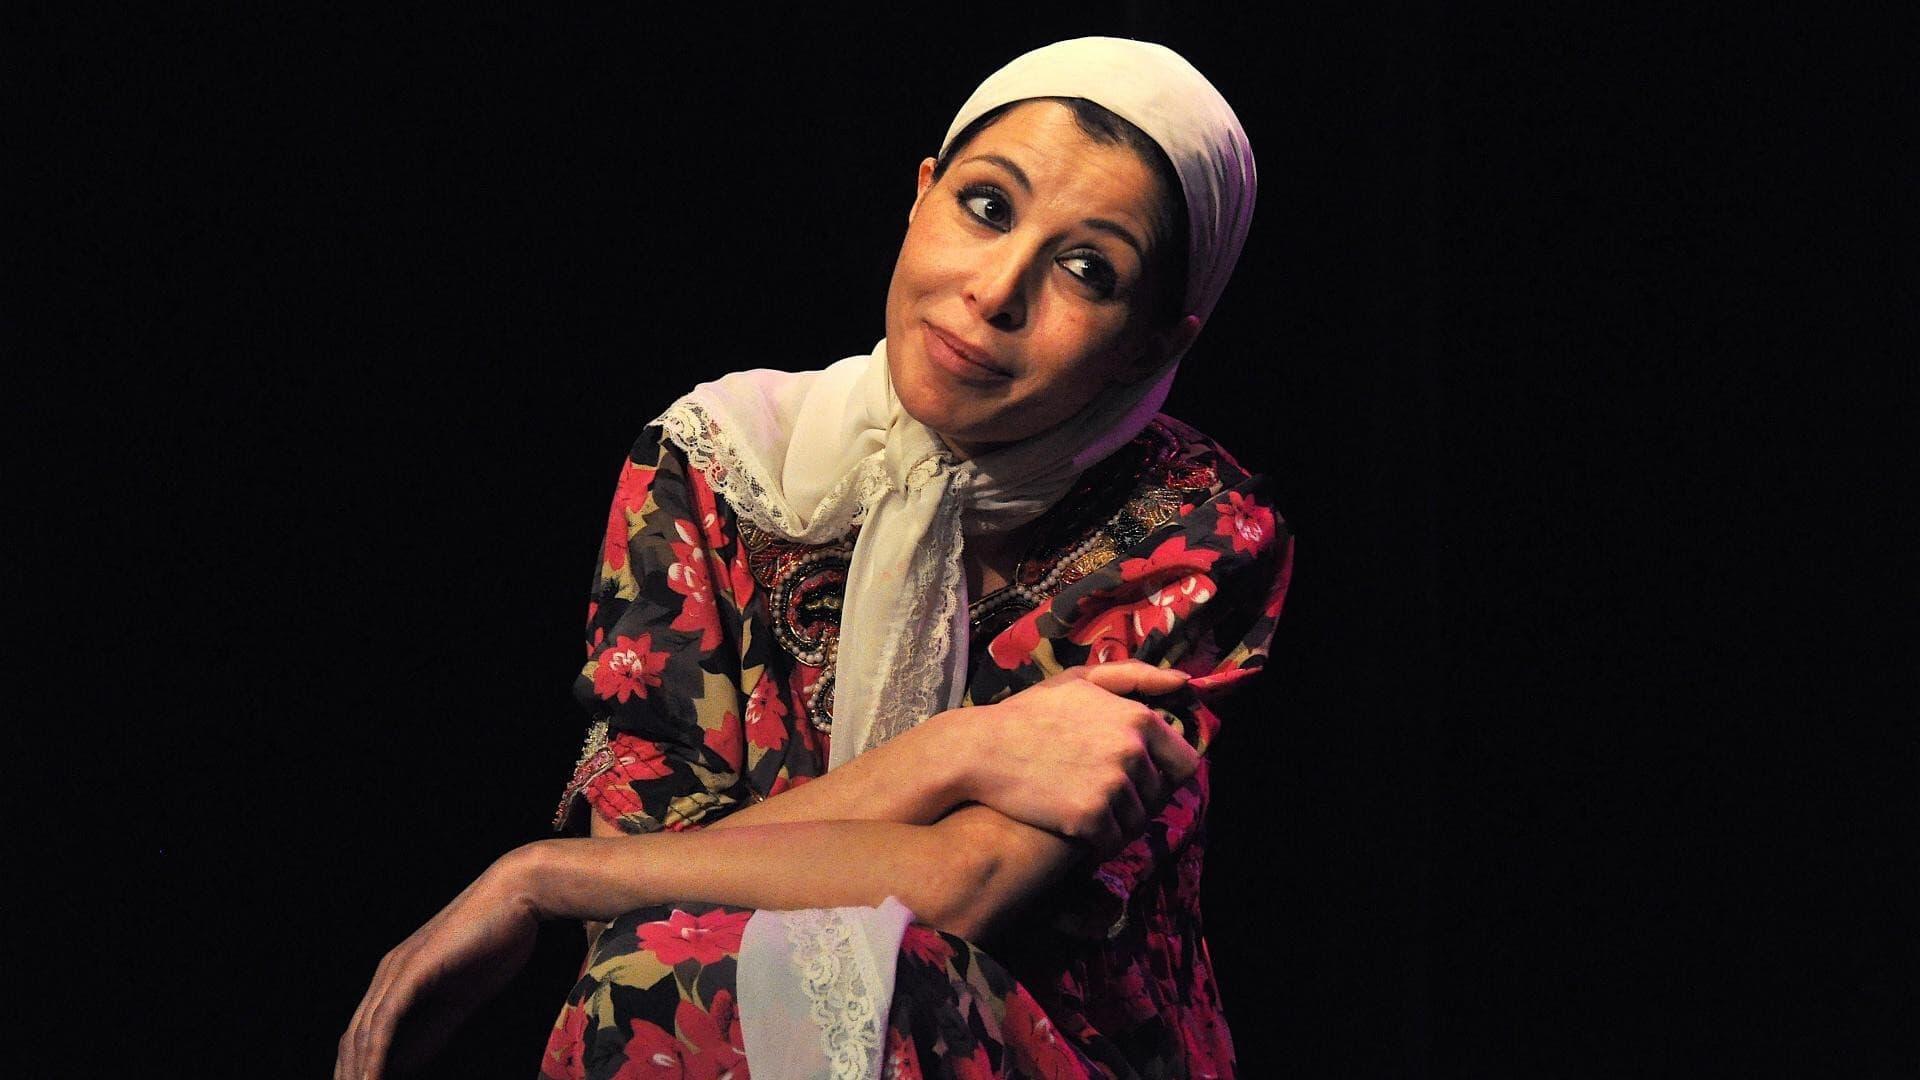 La Vie rêvée de Fatna (2005)